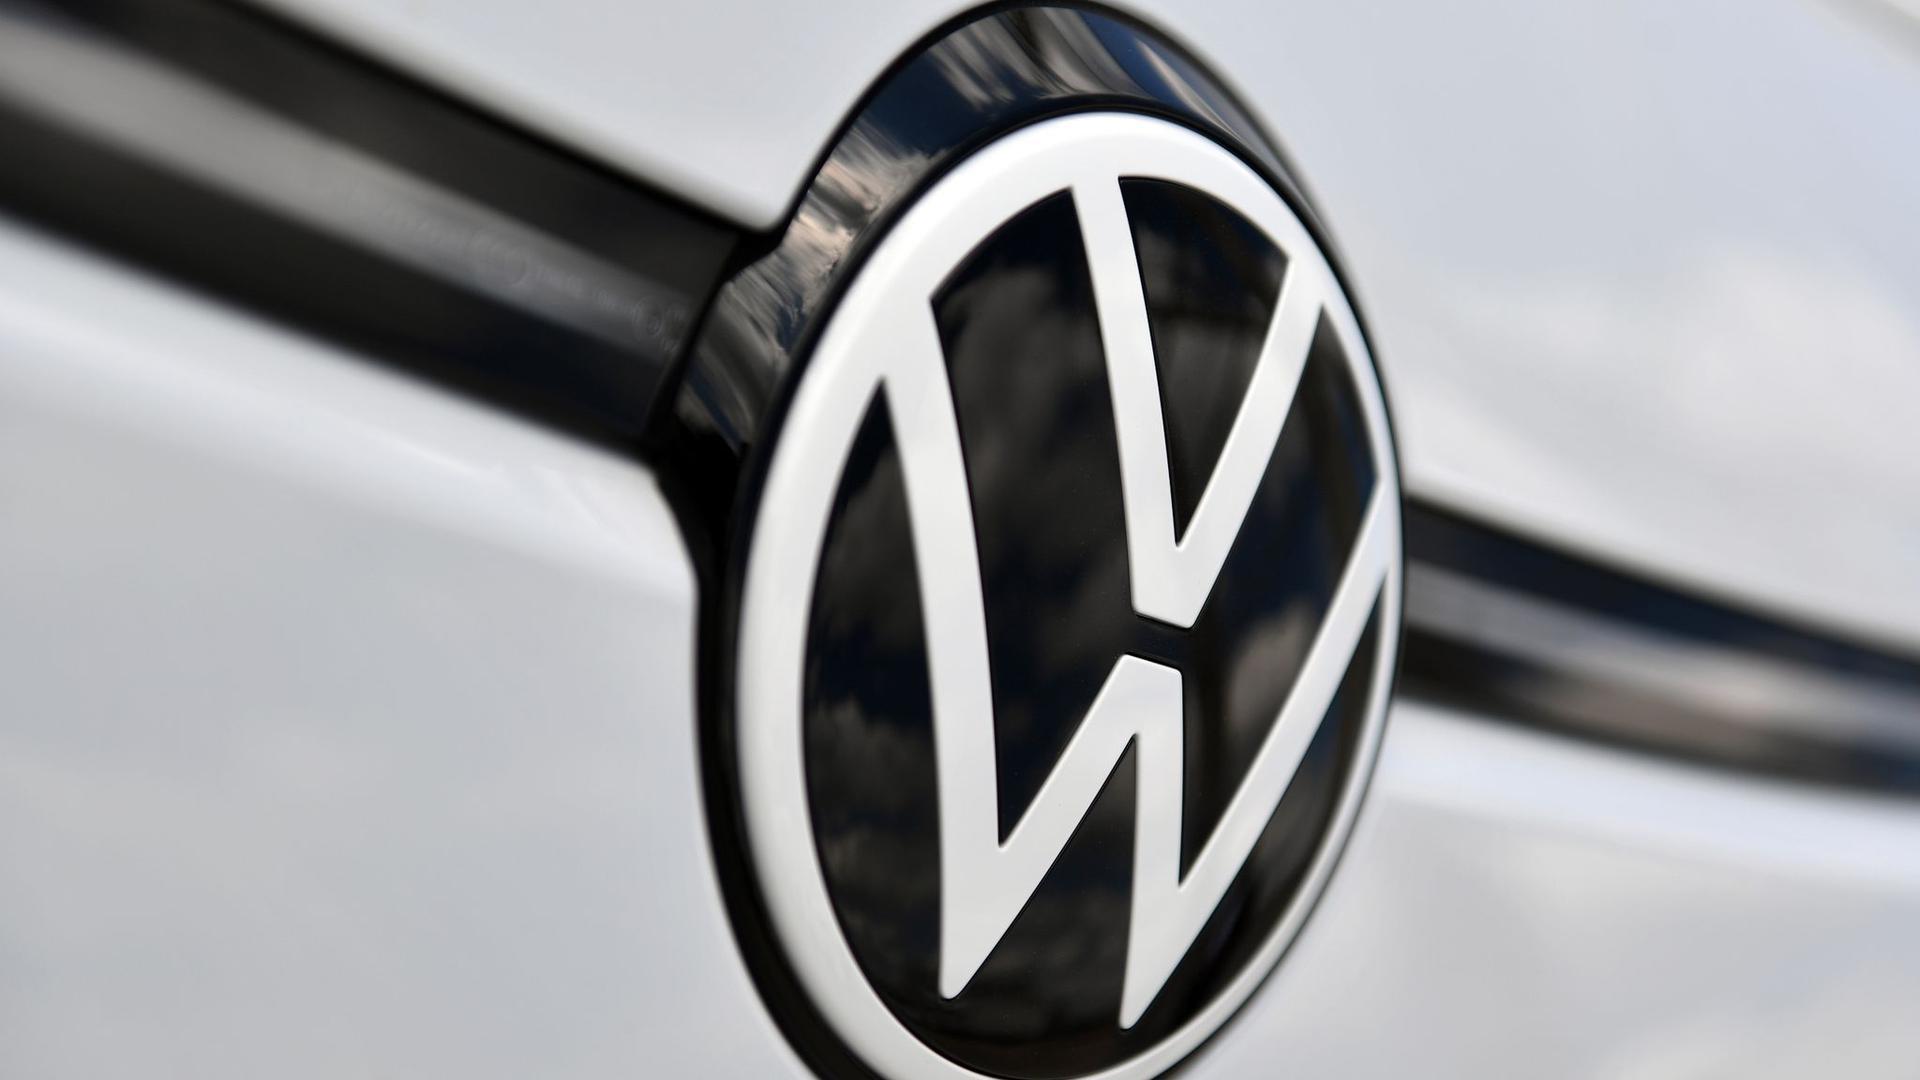 Verlangte Prevent-Firma Wucherpreise von VW?